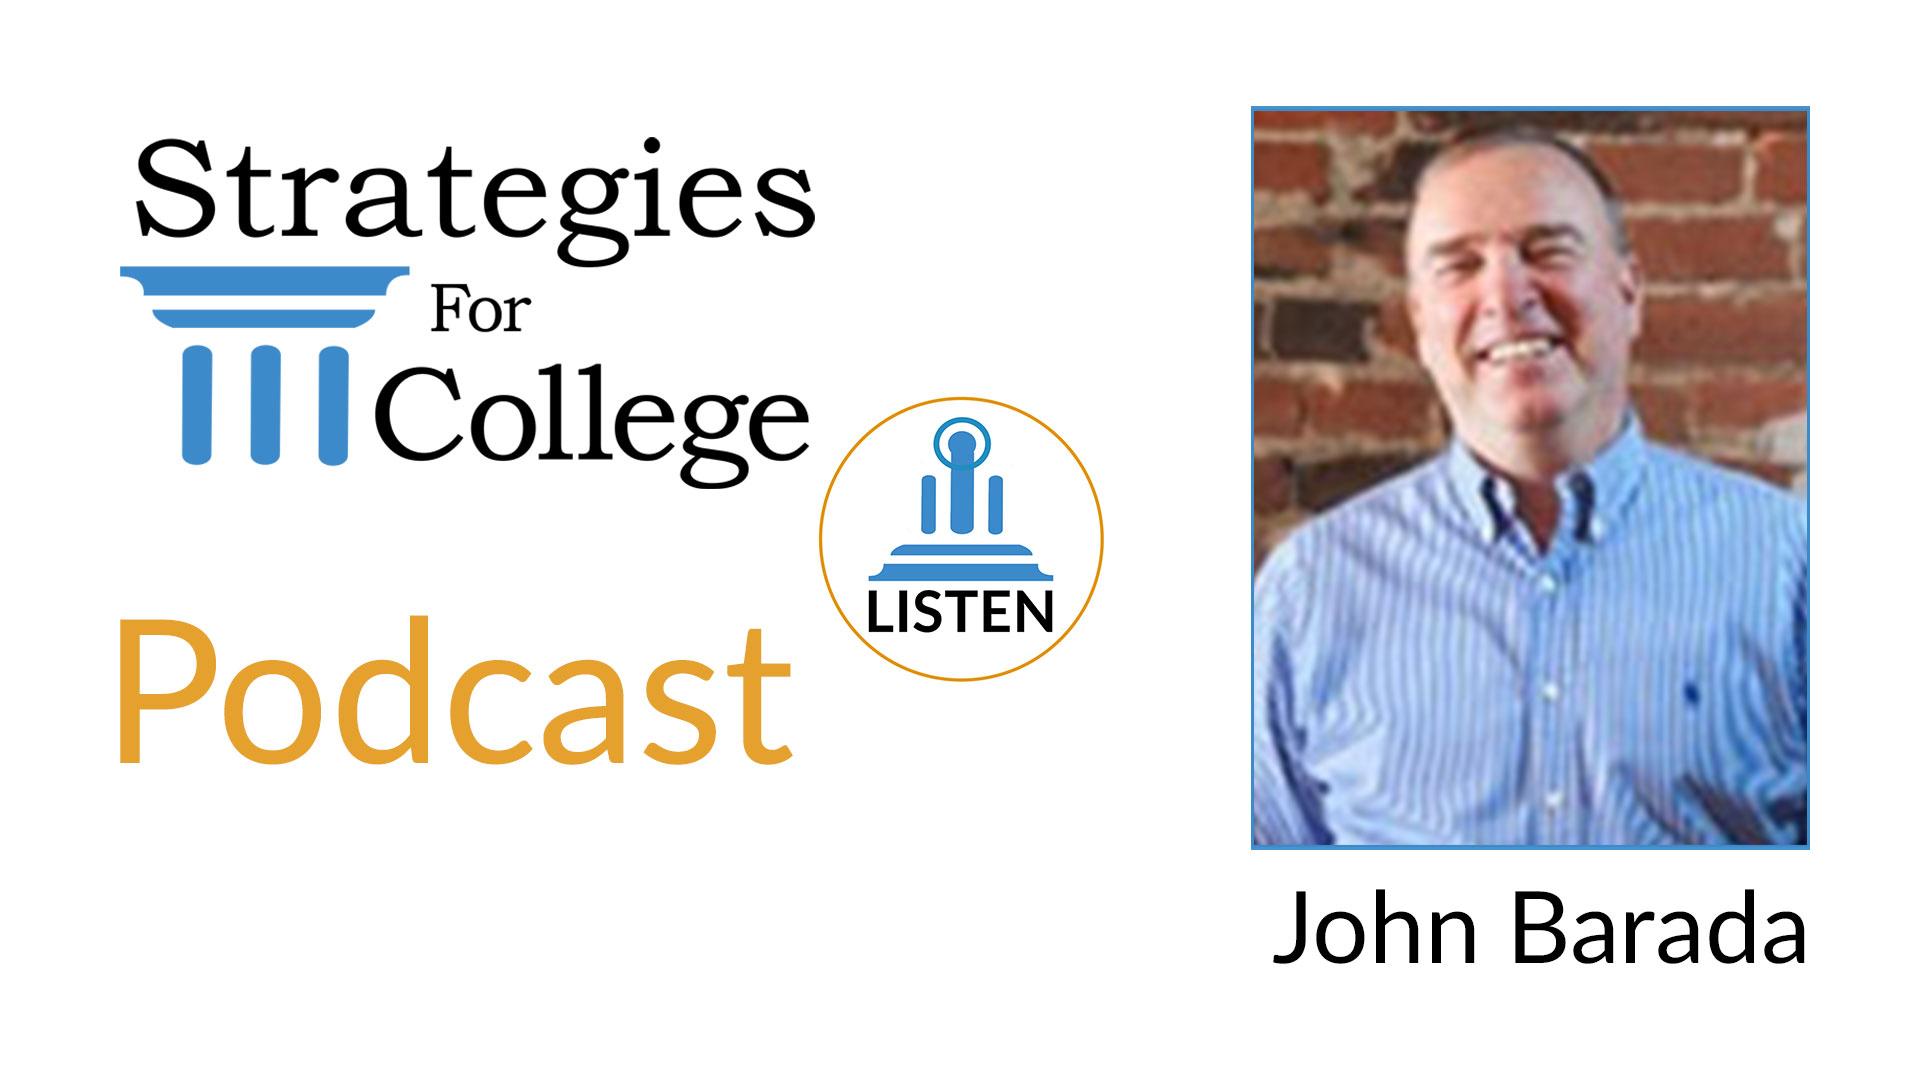 Podcast: John Barada